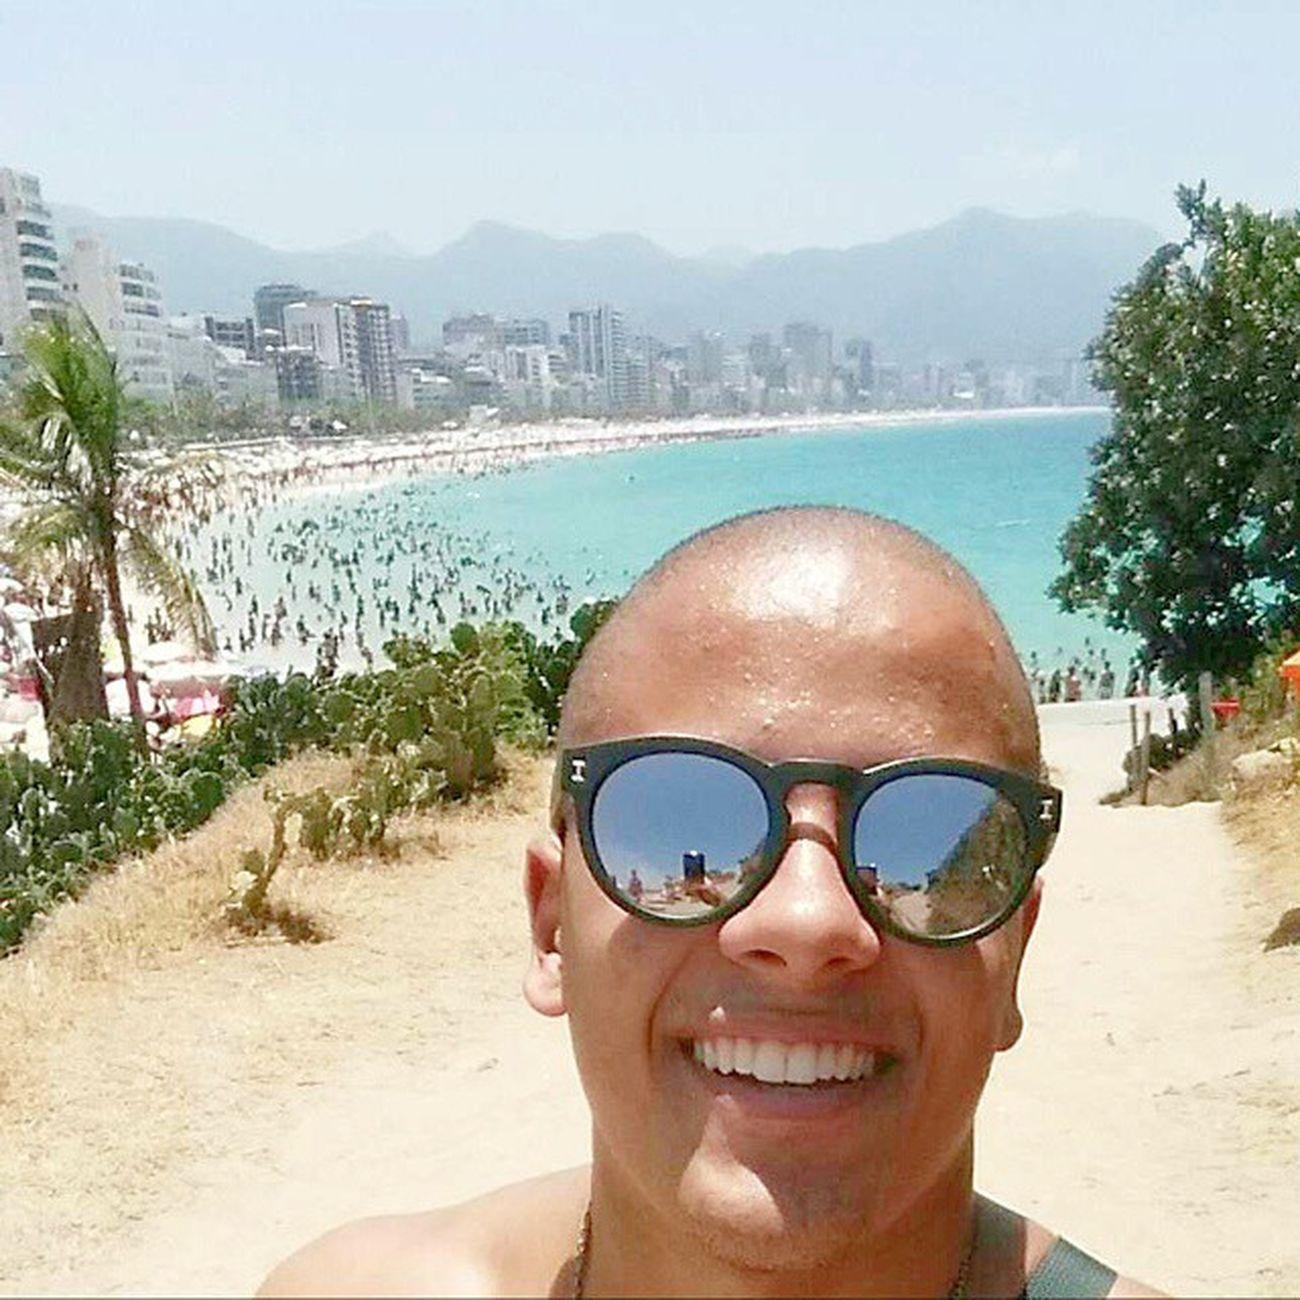 O Rio de Janeiro continua lindo.! 😎🎵 ParabénsRiodeJaneiro Rio40grau Rjlindo Cidademaravilhosa 450anos